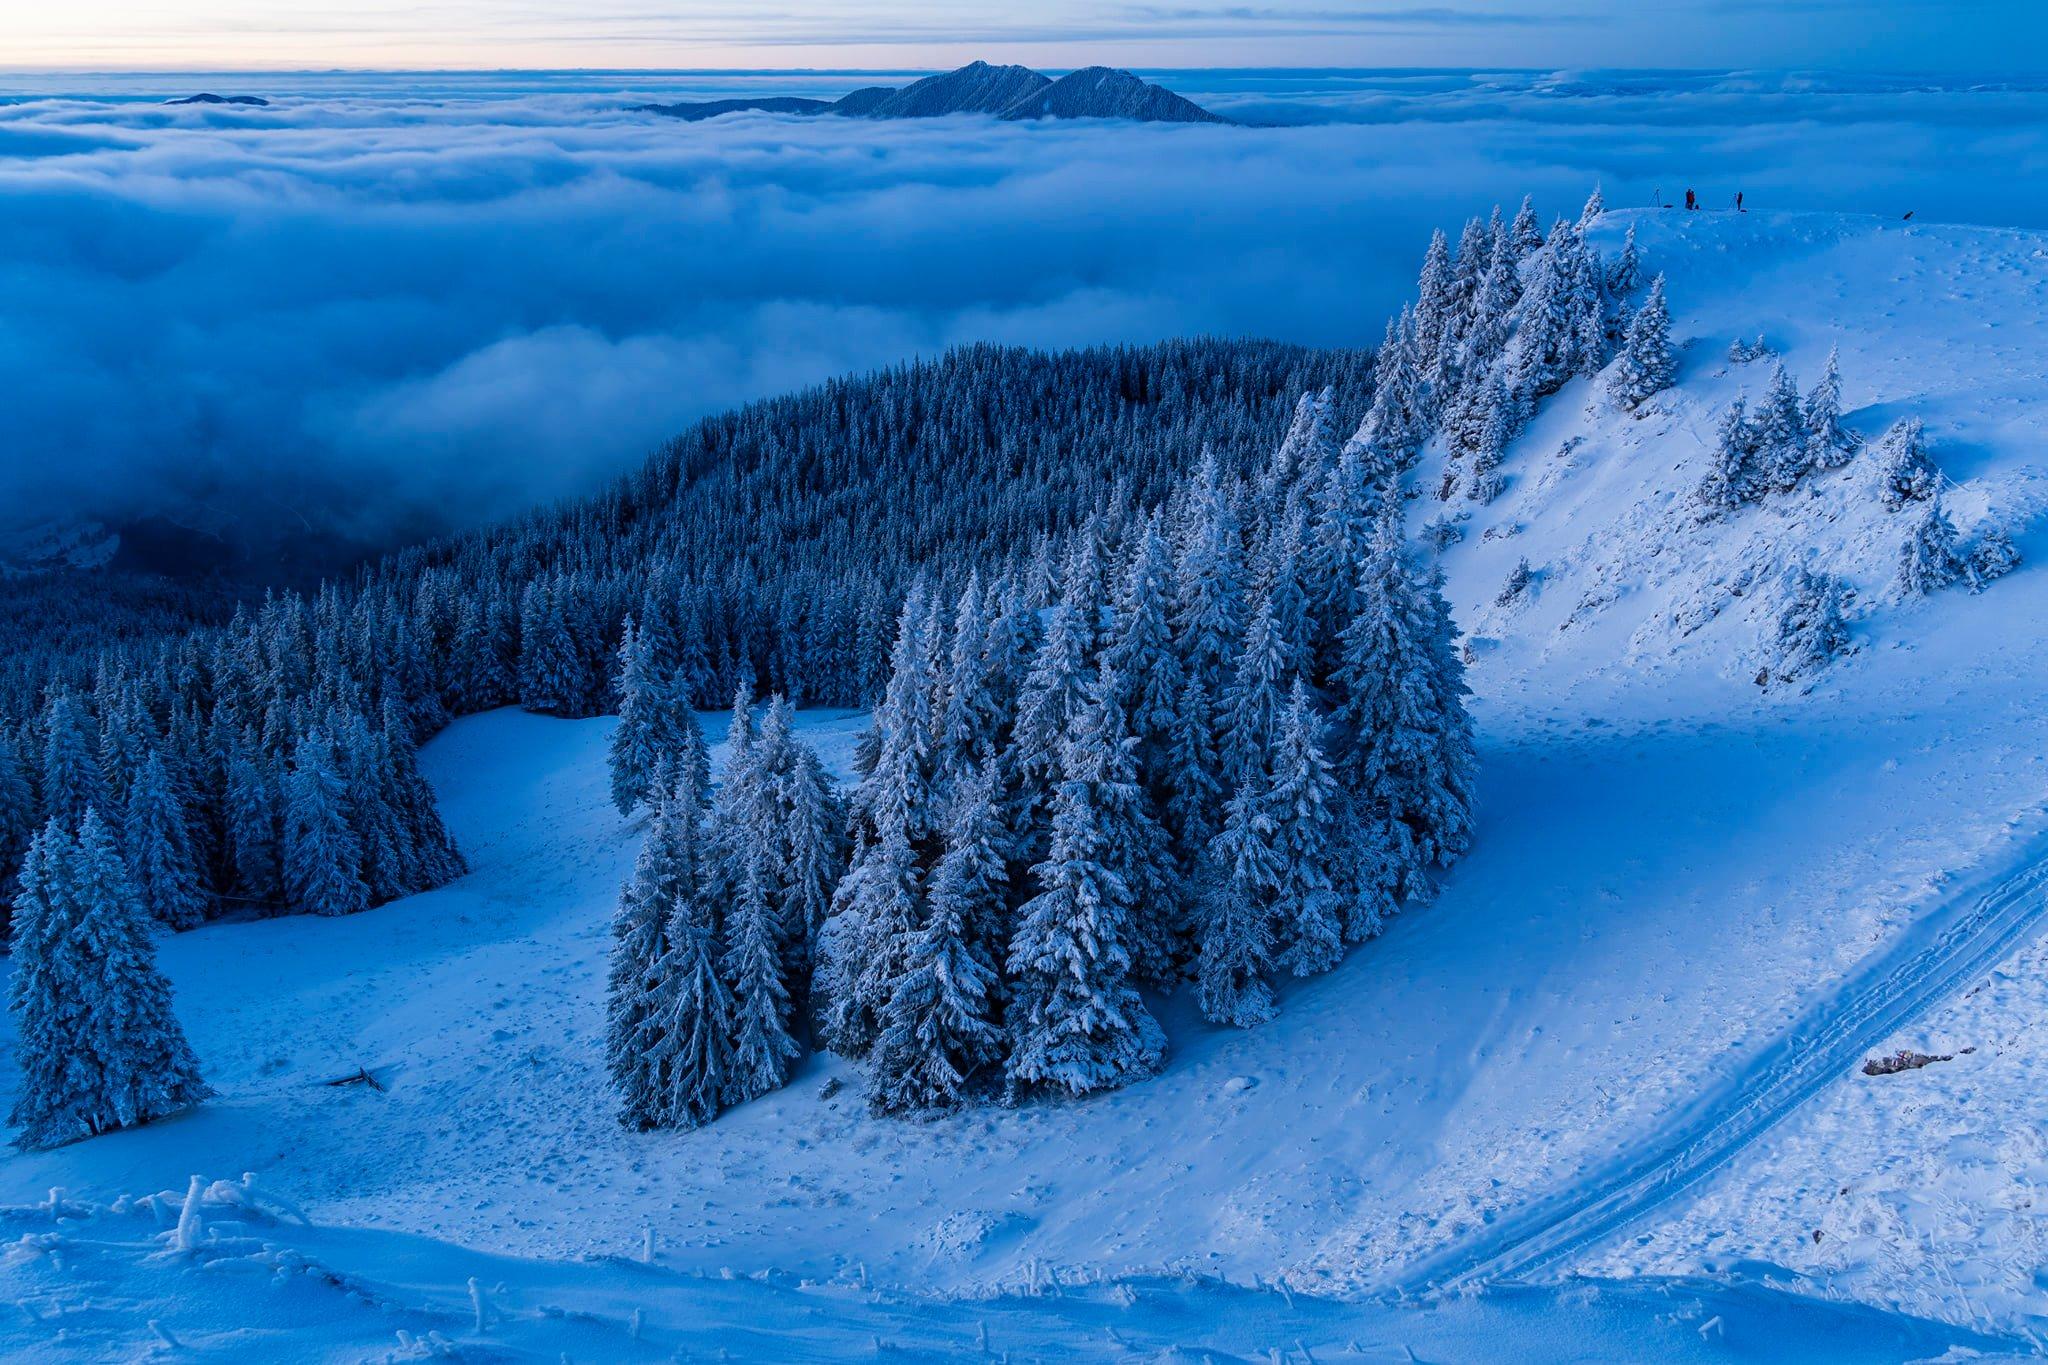 Valea Bistriței învăluită de nori - Andrei Pahomi